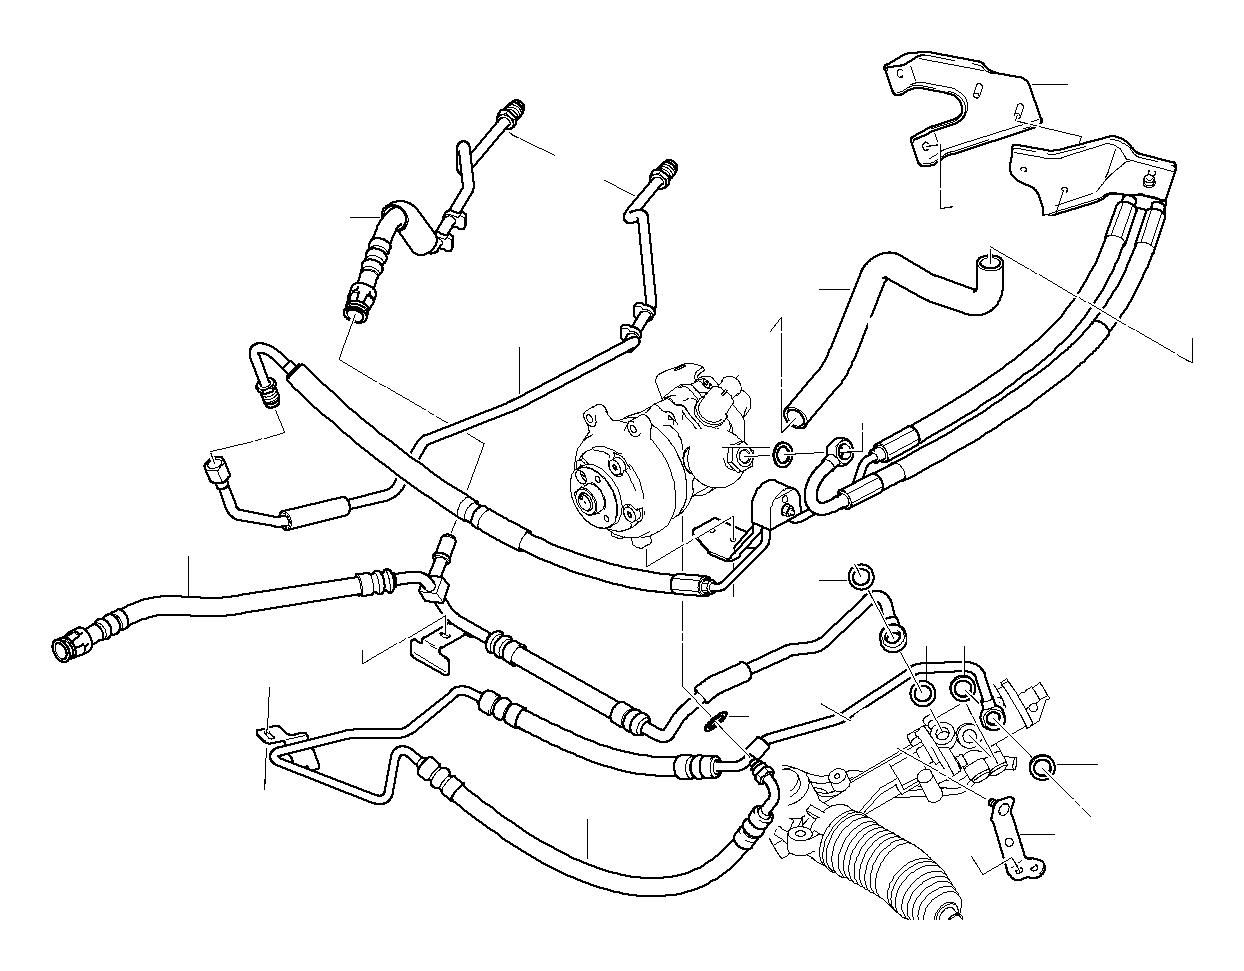 e60 bmw radiator diagram